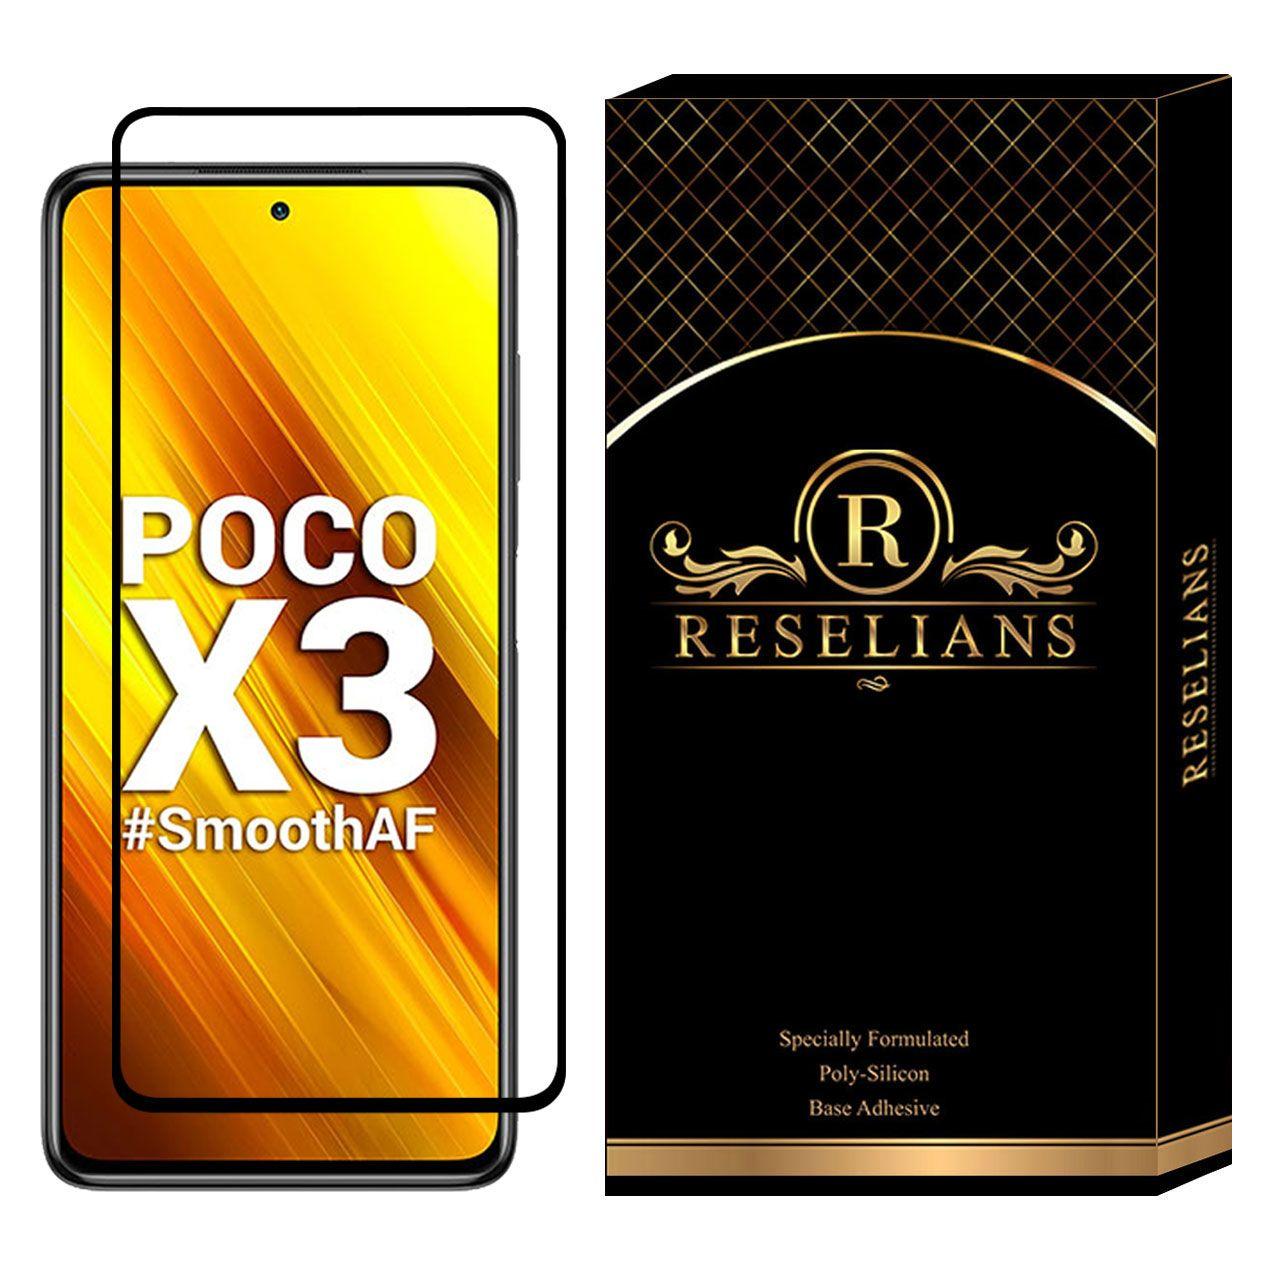 محافظ صفحه نمایش سرامیکی رزلیانس مدل CRM مناسب برای گوشی موبایل شیائومی Poco X3